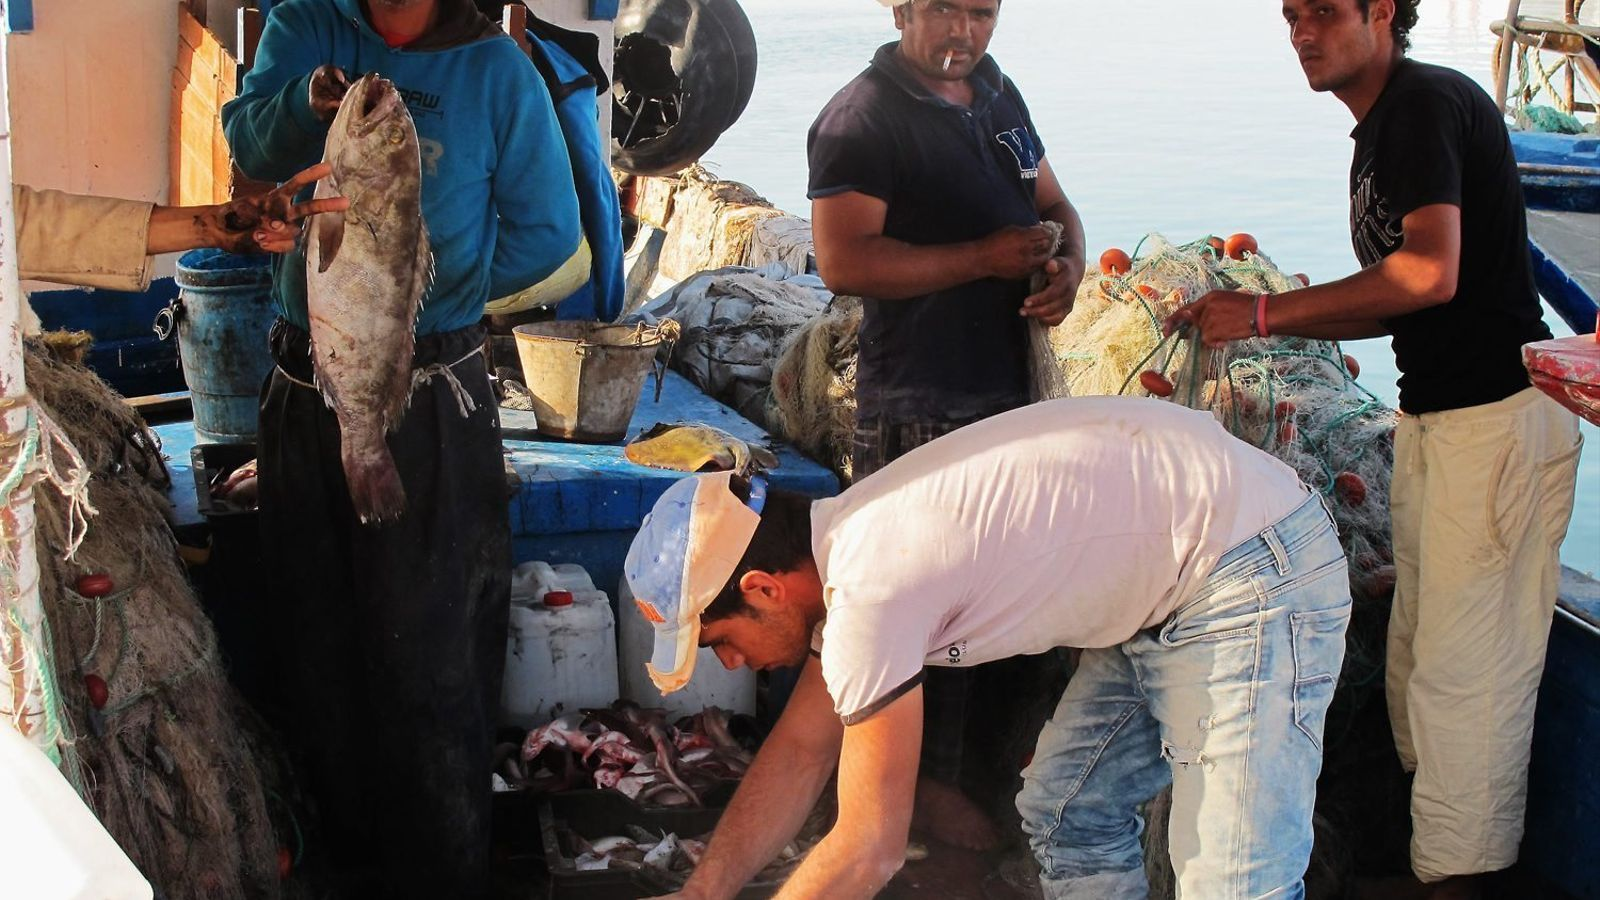 Pescadors al port tunisià de Katef, prop de la frontera amb Líbia, en tornar després d'una jornada al mar.